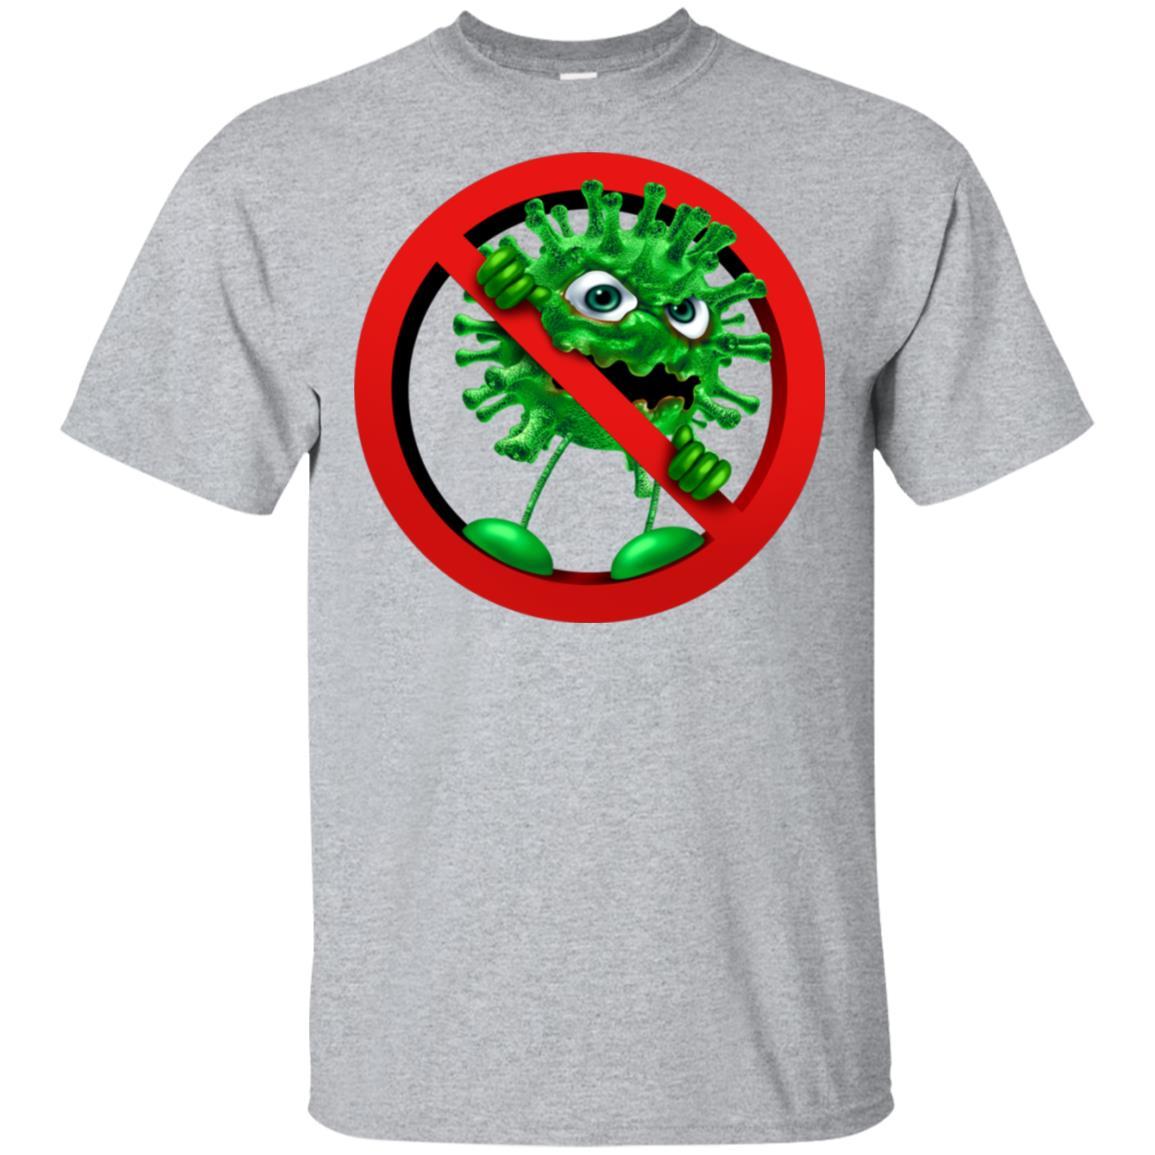 Stop Disease Unisex Short Sleeve